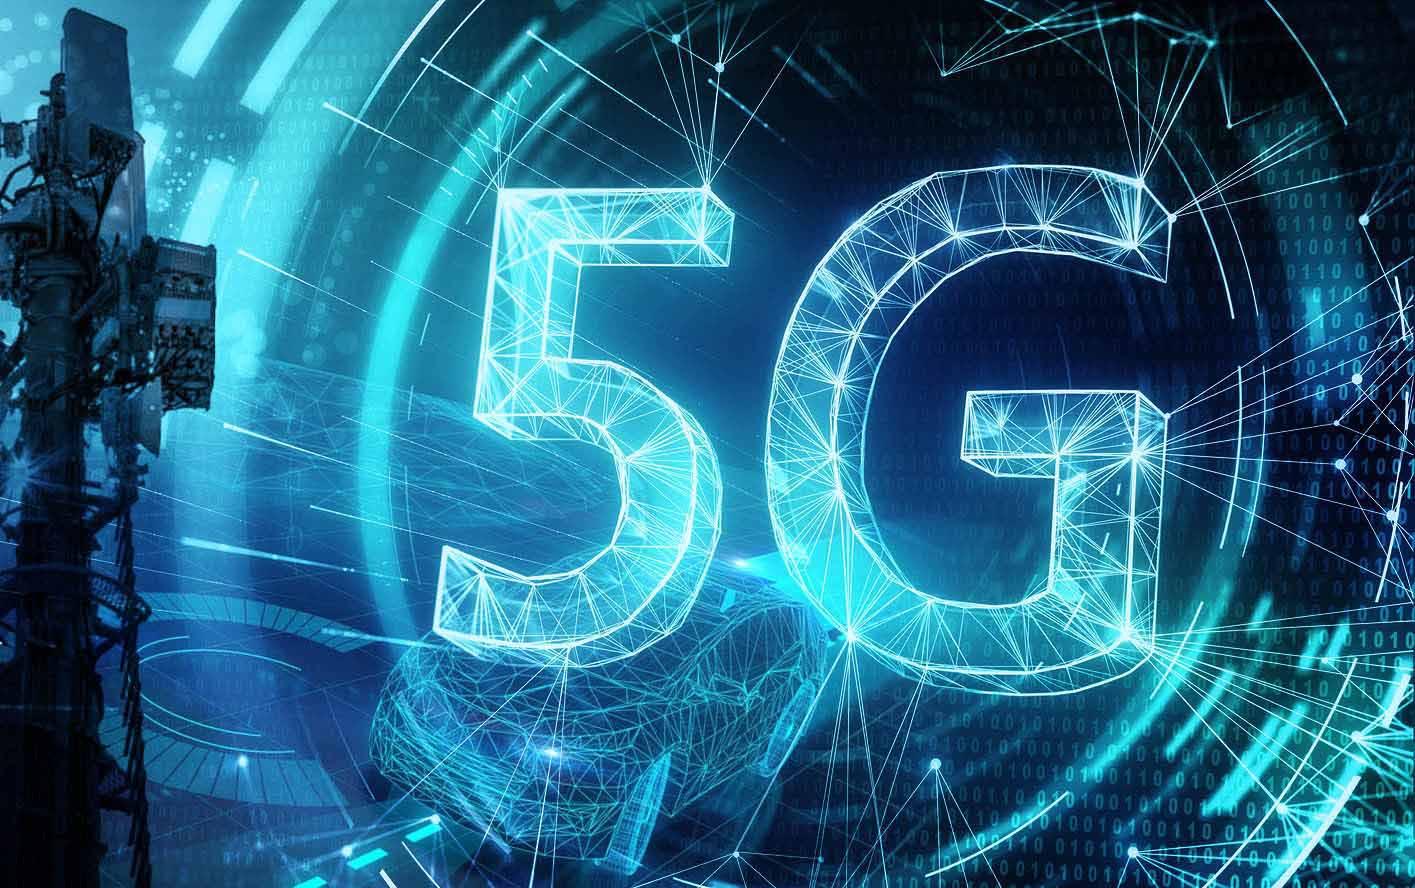 Al menos una de cada cinco conexiones móviles usará redes 5G en 2025.